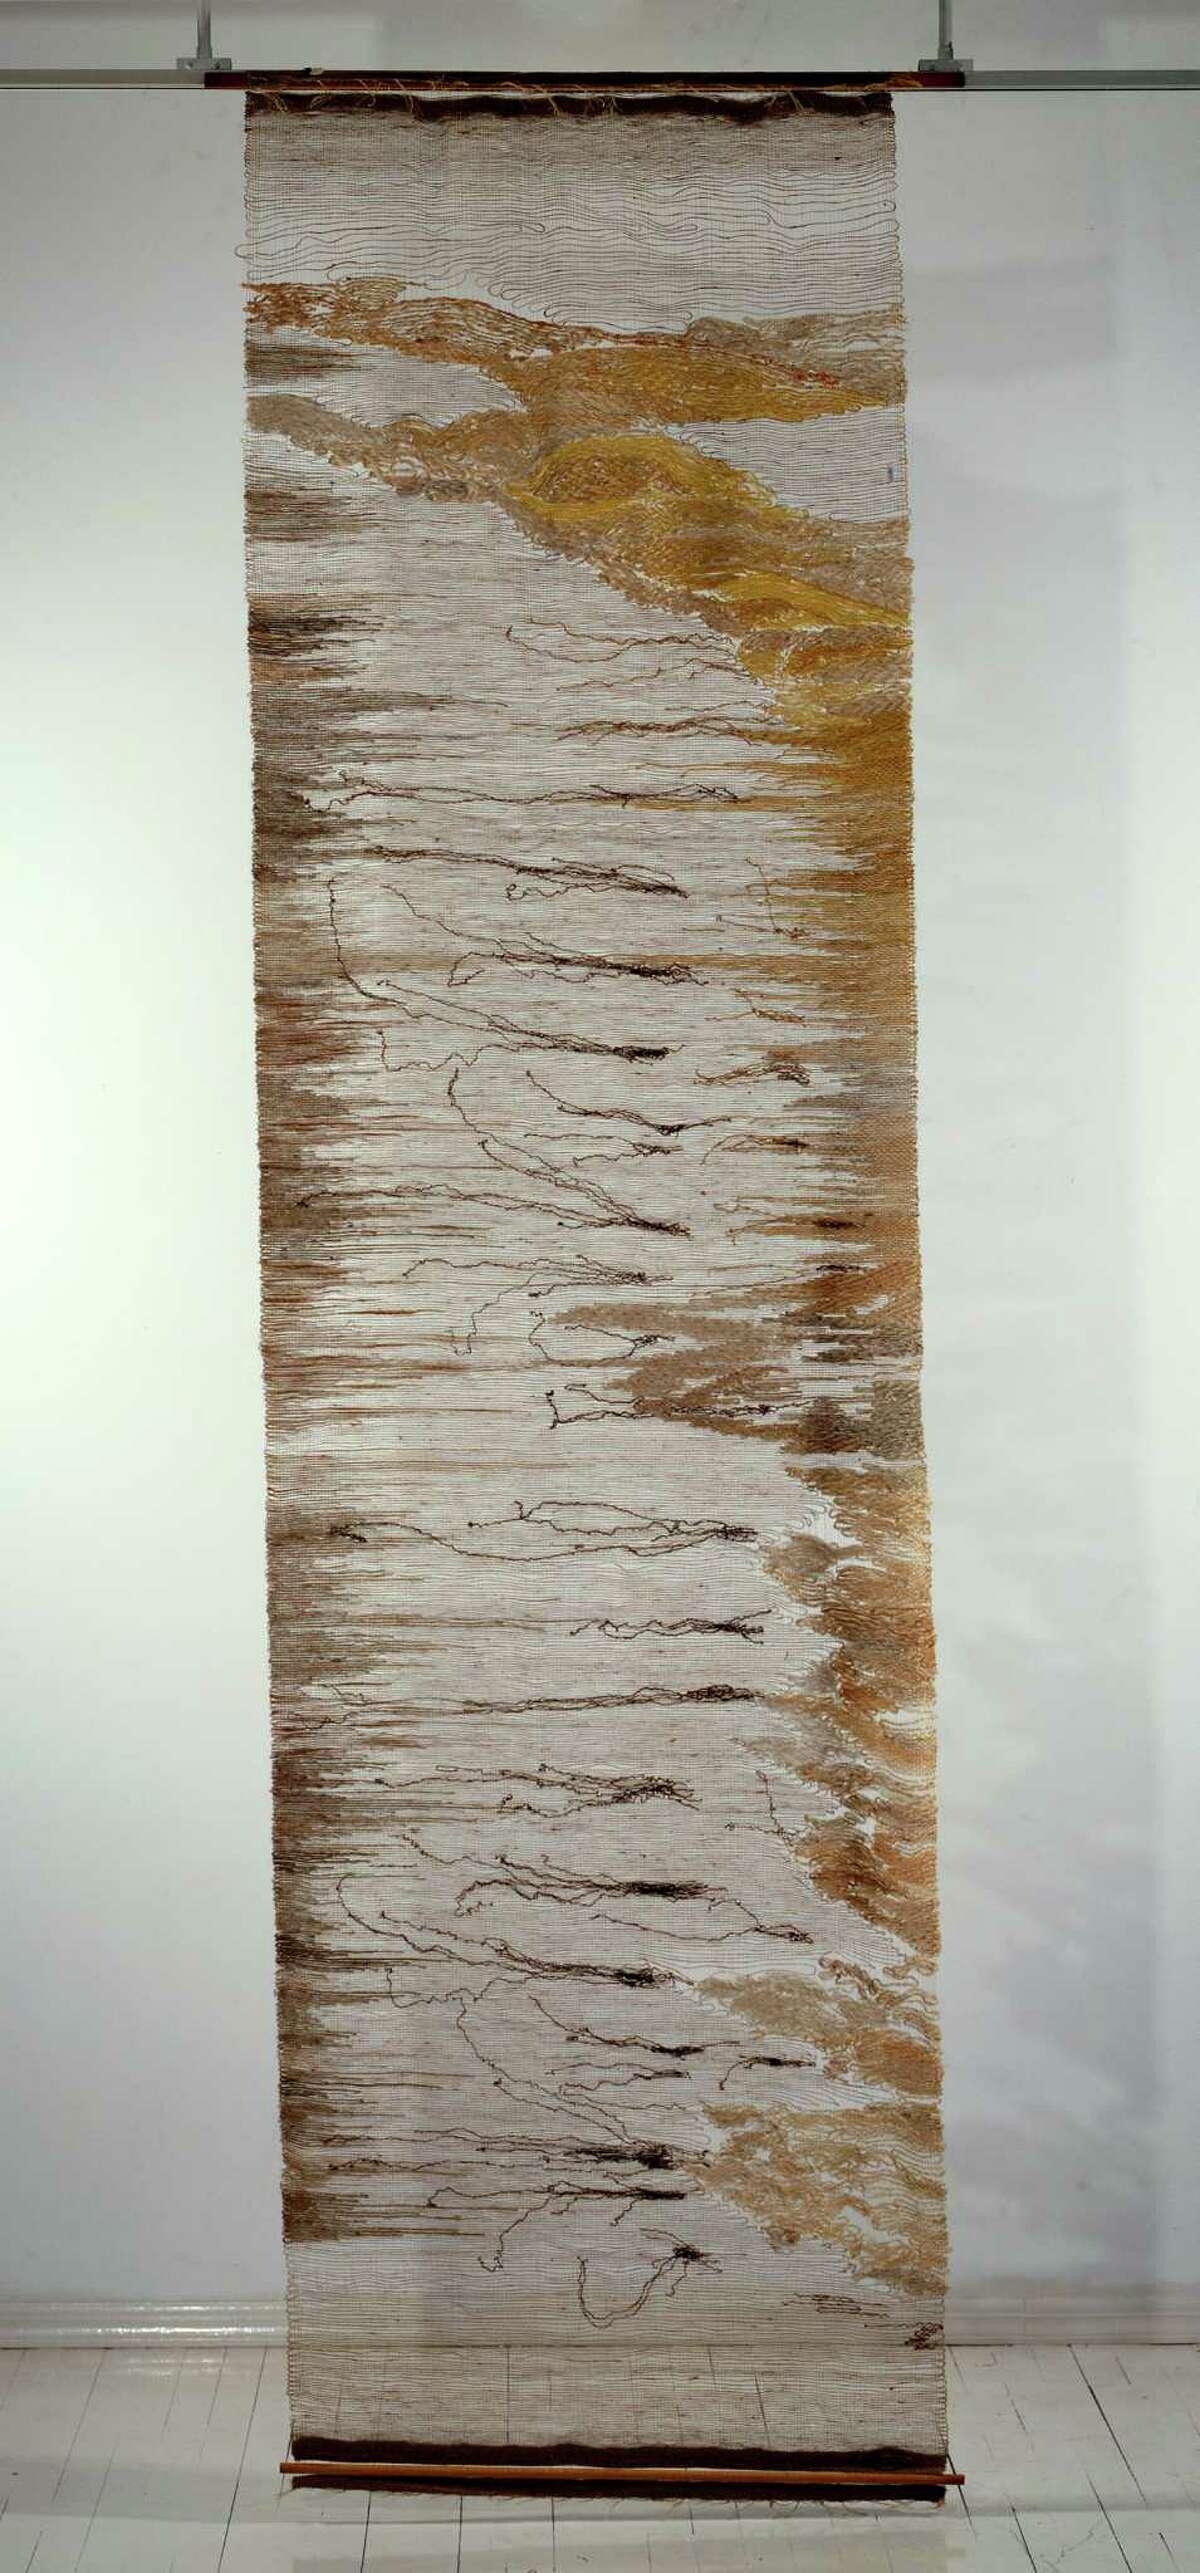 [EX2017.CKMT.05.1] Lenore Tawney, Seaweed, 1961. Linen, silk, 120 é?- 32 in. (304.8 é?- 81.3 cm). The Lenore Tawney Foundation, New York. Lenore G. Tawney Foundation